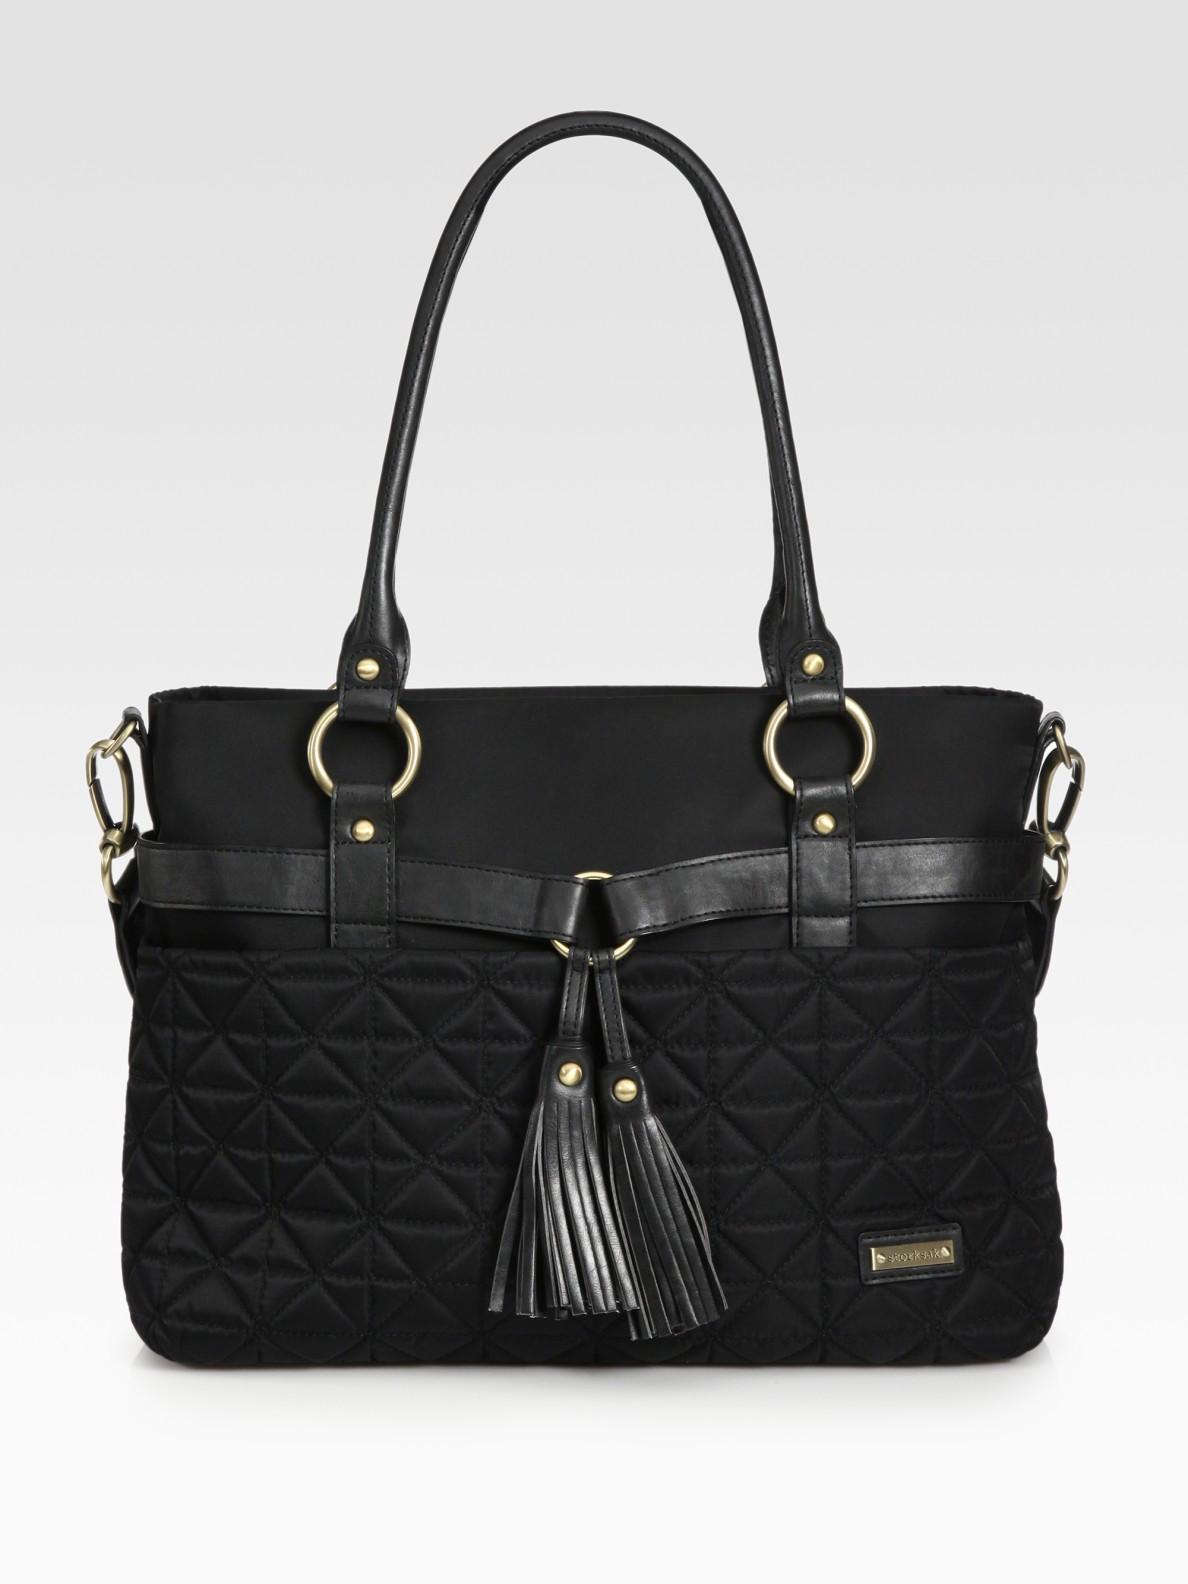 lyst storksak isabella quilted baby bag in black. Black Bedroom Furniture Sets. Home Design Ideas